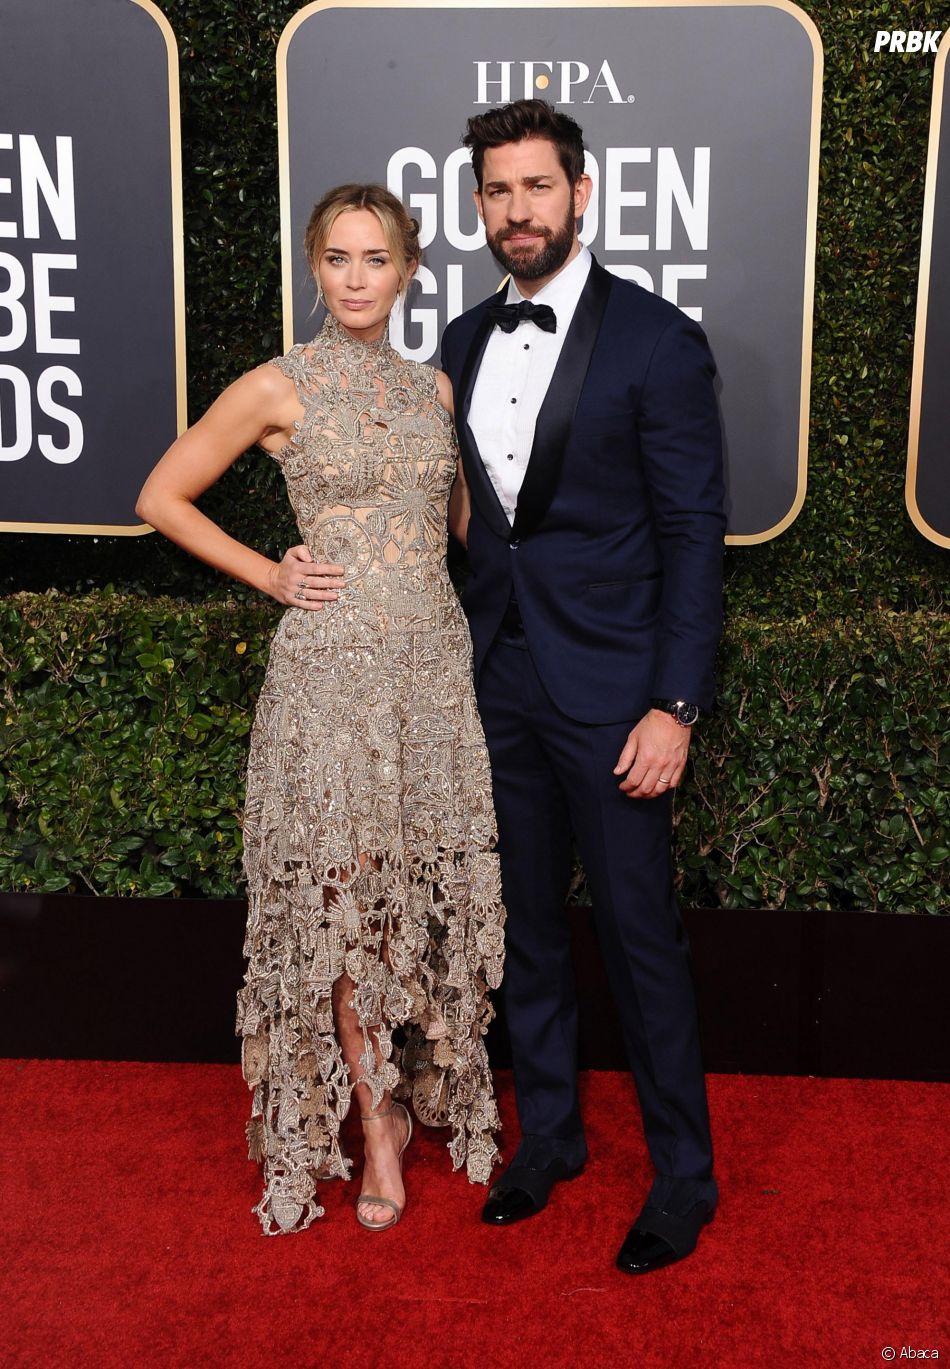 Emily Blunt et John Krasinsky sur le tapis rouge des Golden Globes le 6 janvier 2019